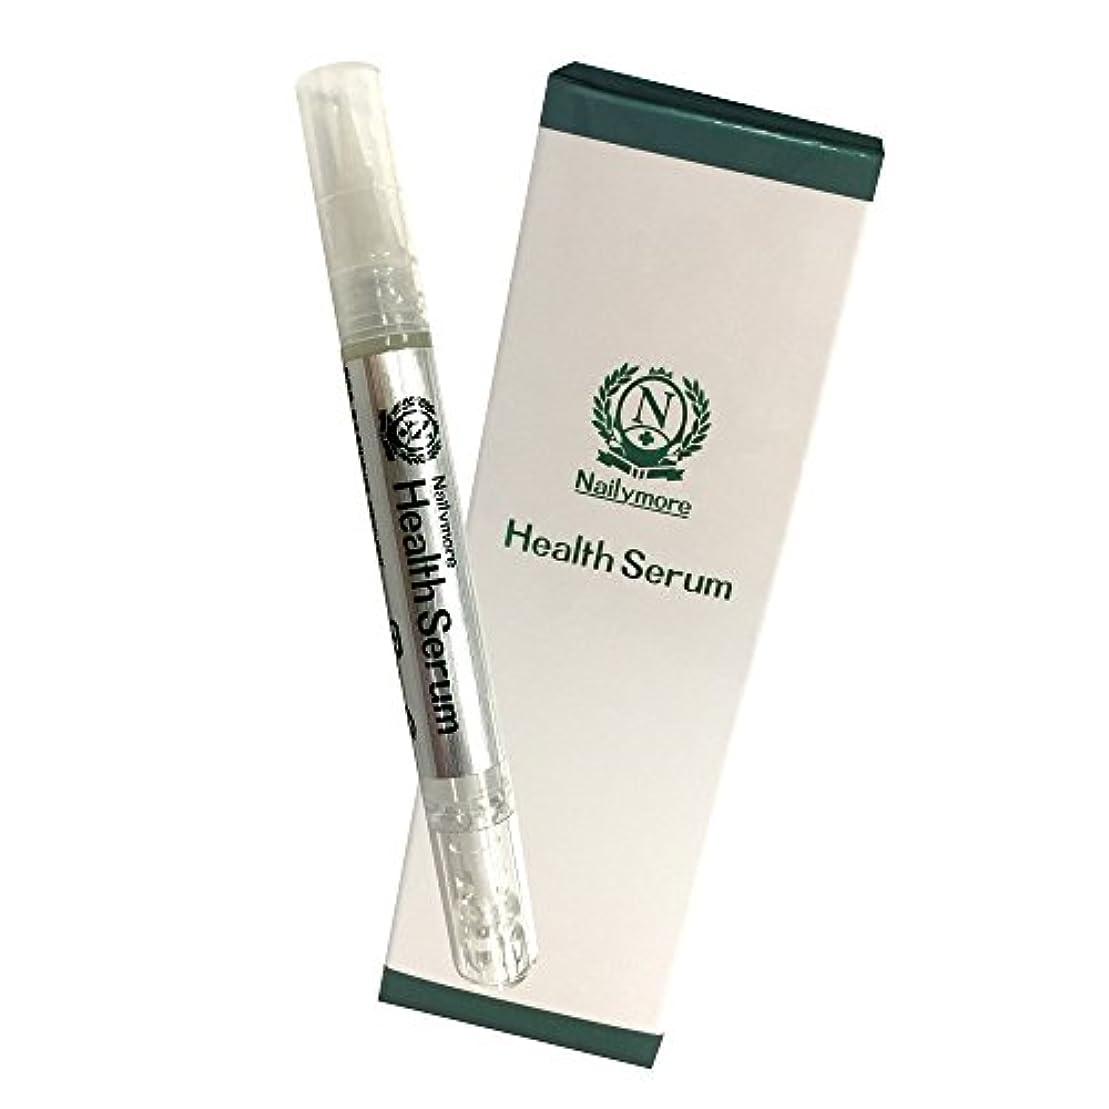 機関車苦痛パステルヘルスセラム 爪用美容液 Health Serum